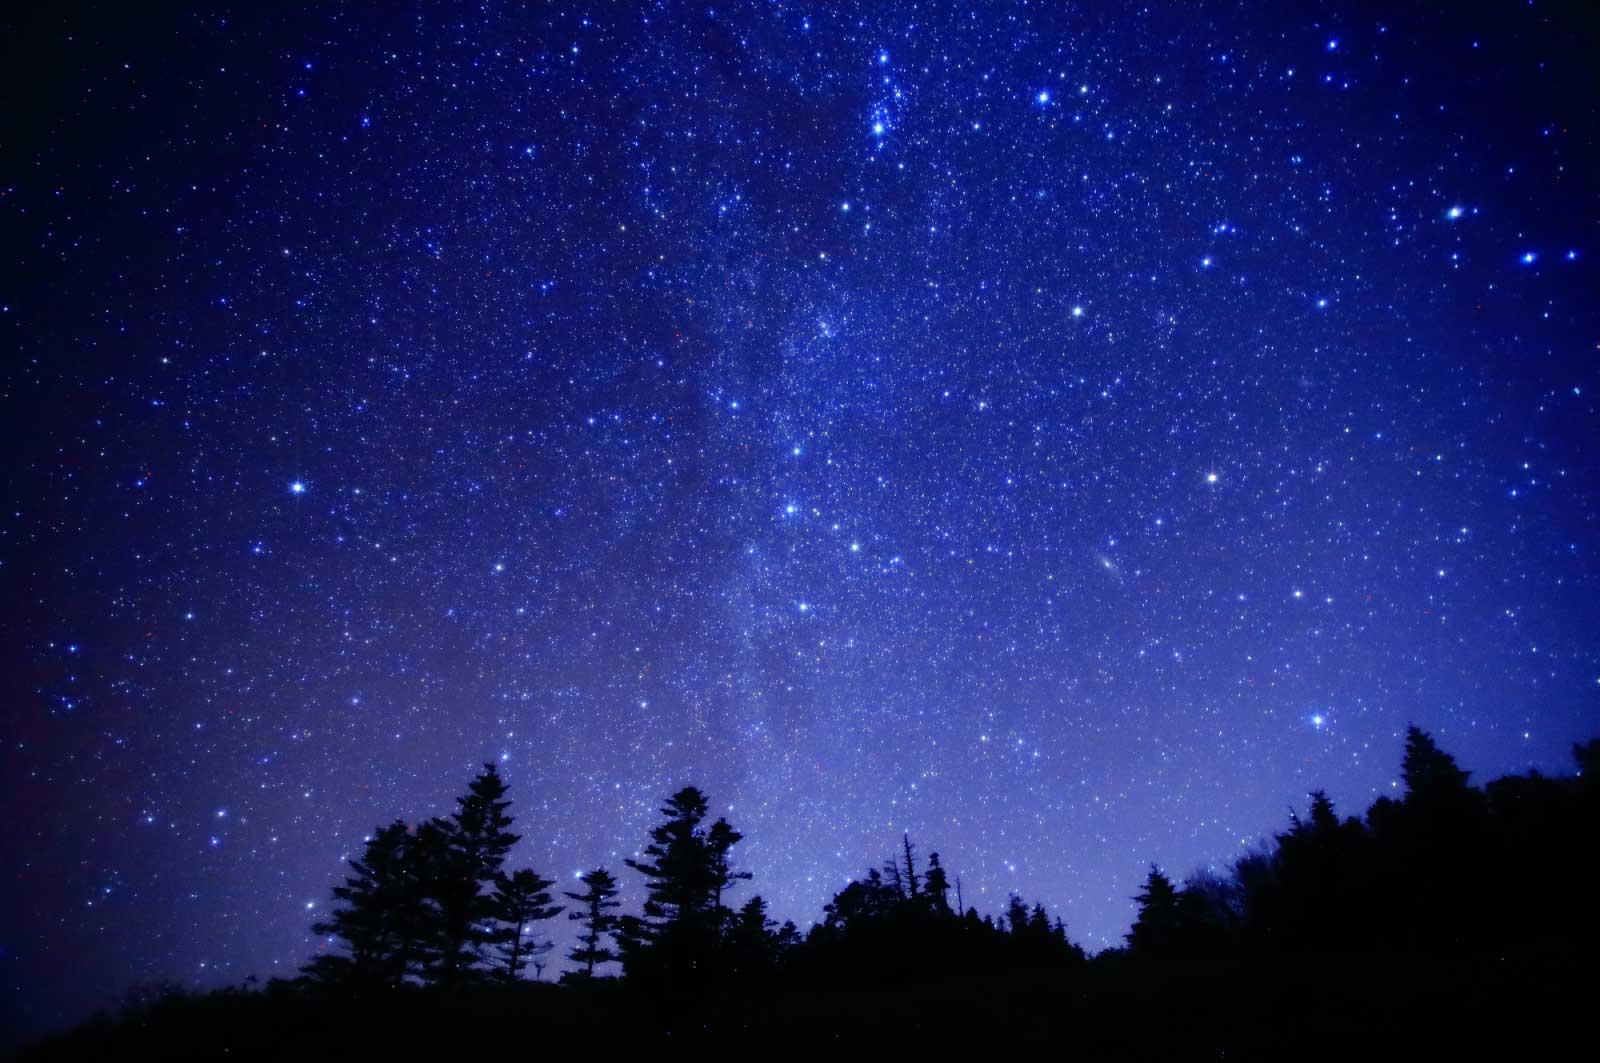 長野に行ったときに見た星空